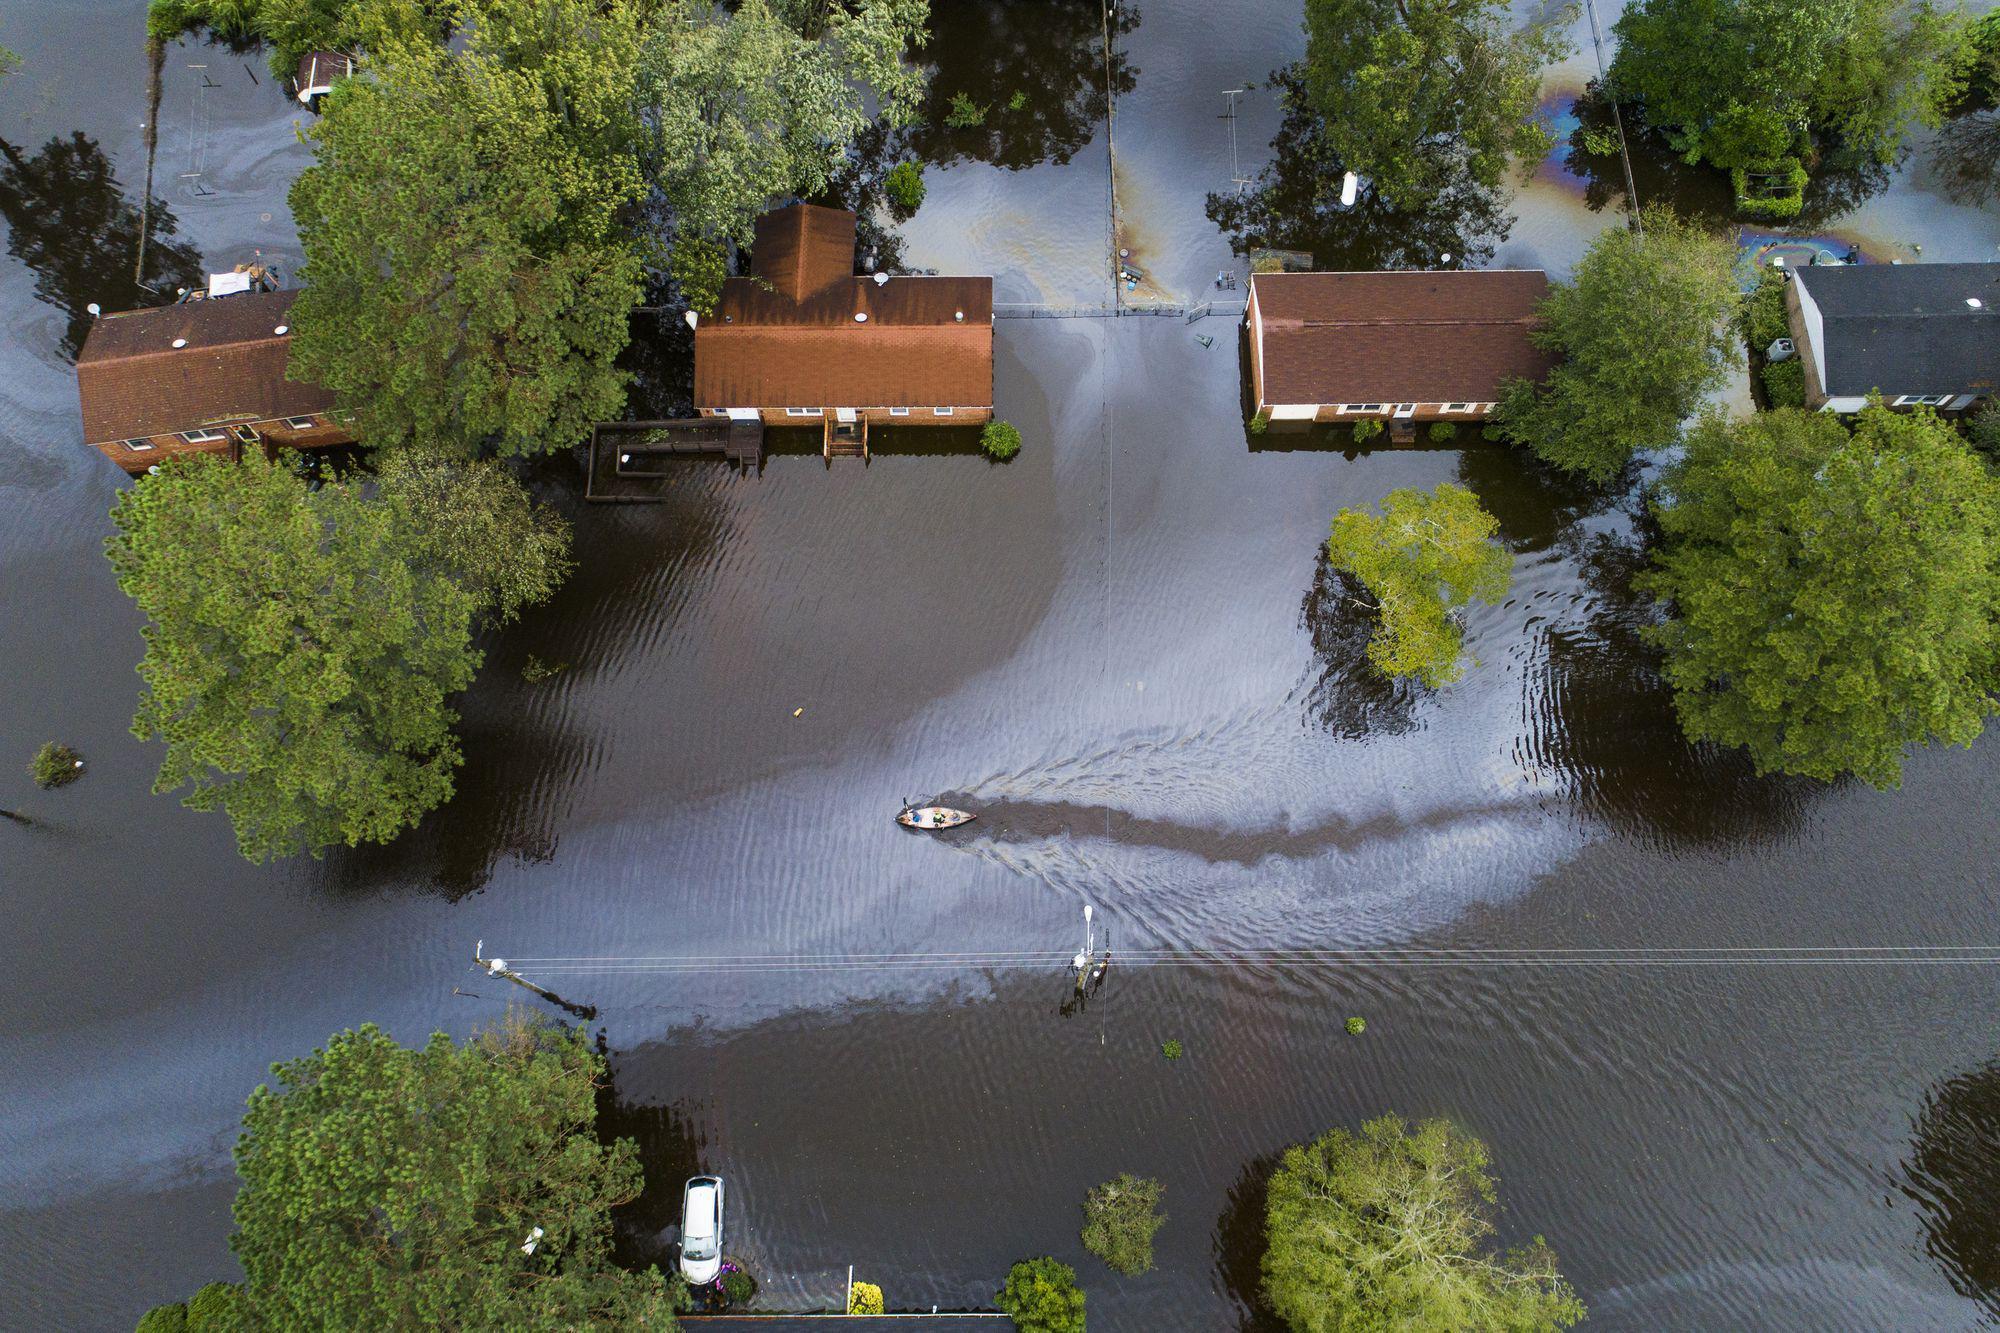 Hurricane Florence Strikes East Coast of United States